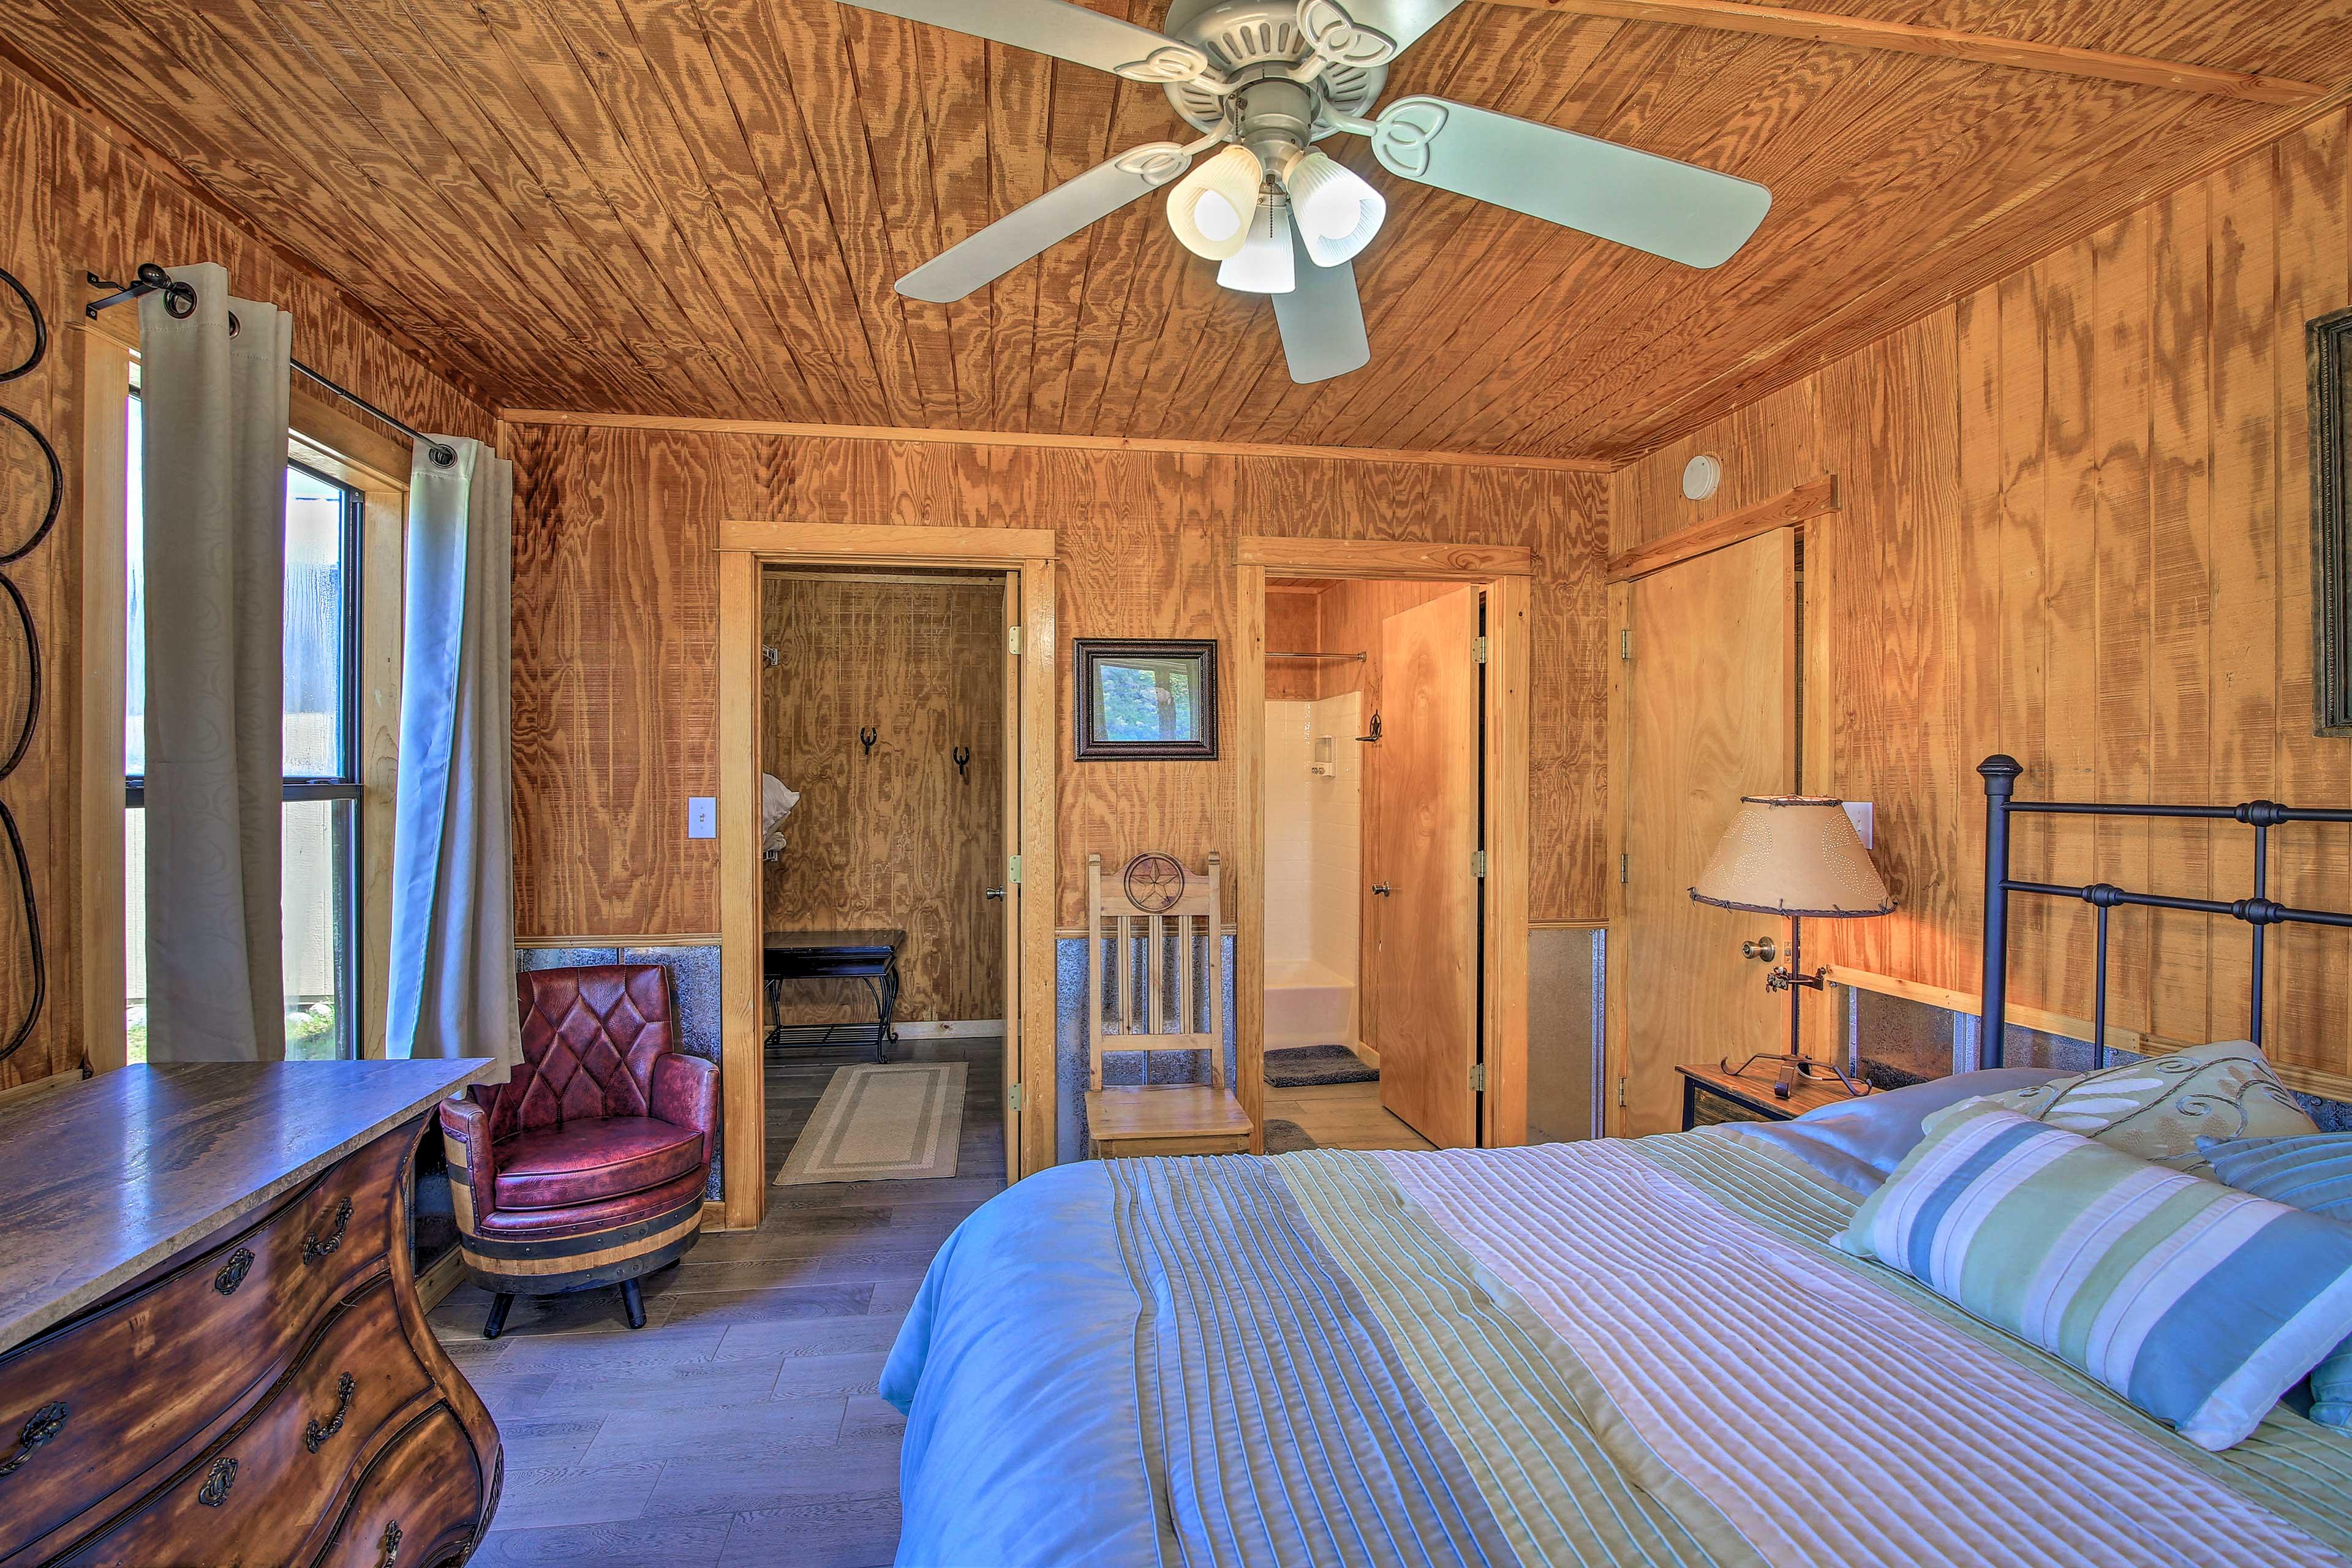 Enjoy easy access to the en-suite bathroom.